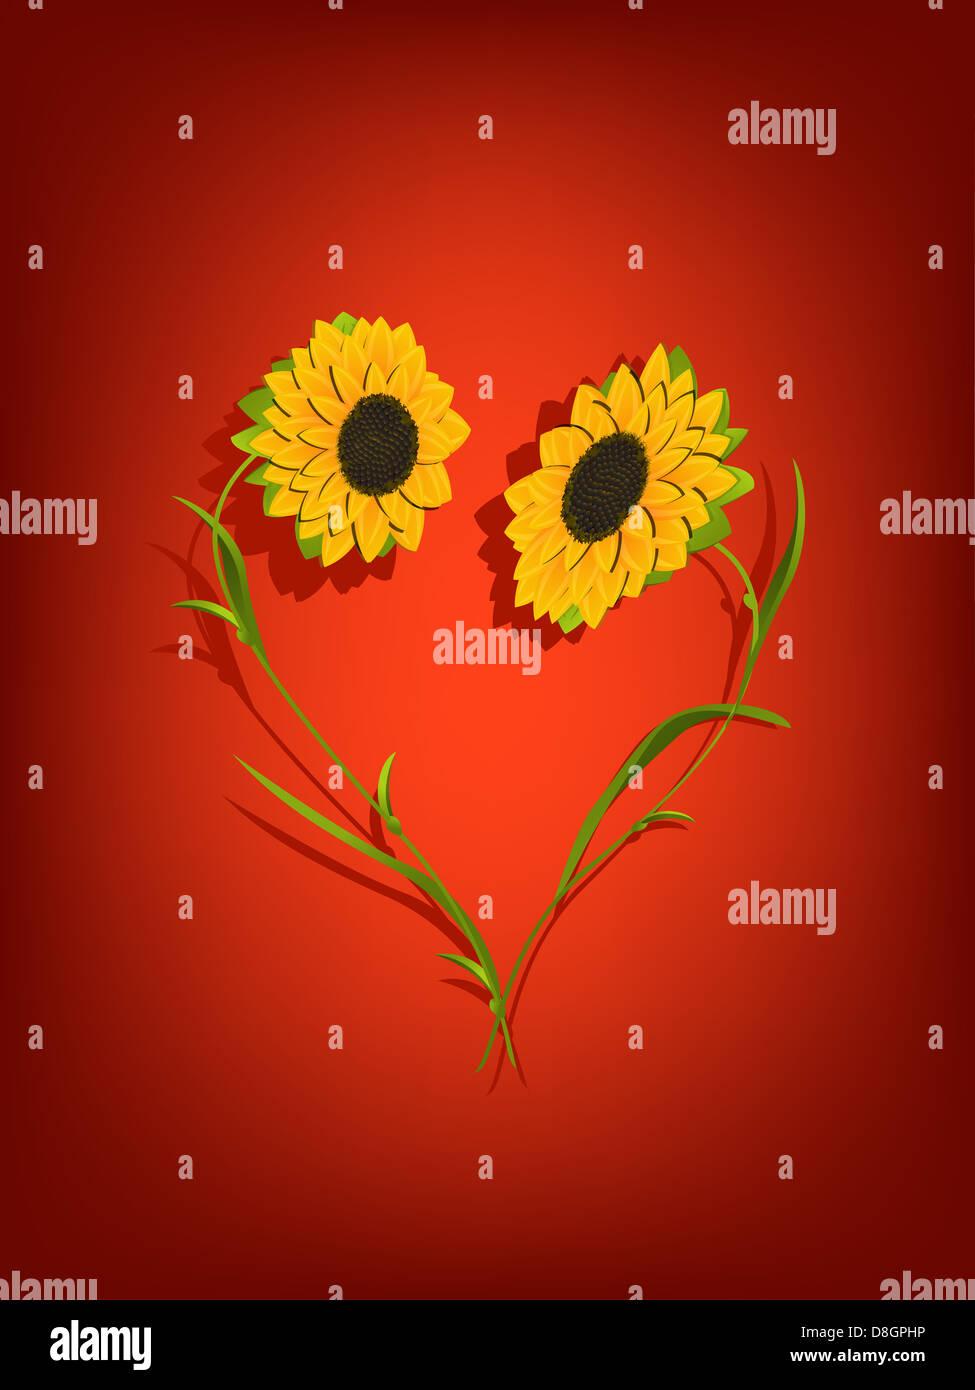 Sunflowers decorative background - Stock Image